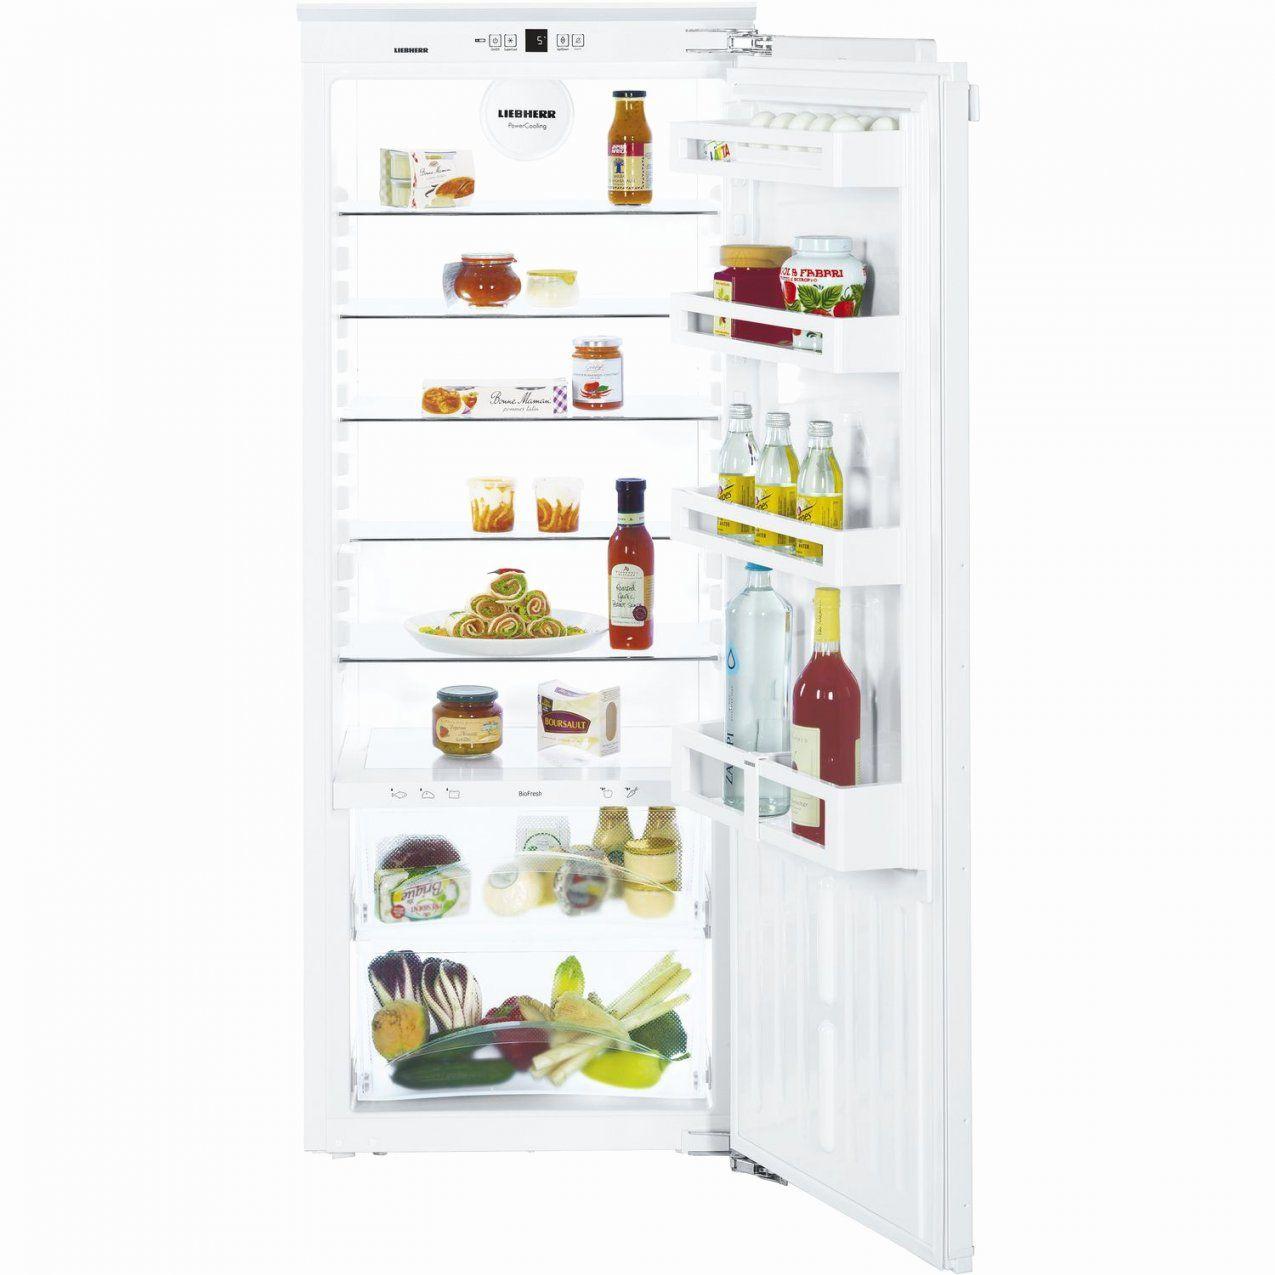 Großzügig Ersatzteile Liebherr Kühlschränke Ideen  Hauptinnenideen von Ersatzteile Für Liebherr Kühlschrank Bild